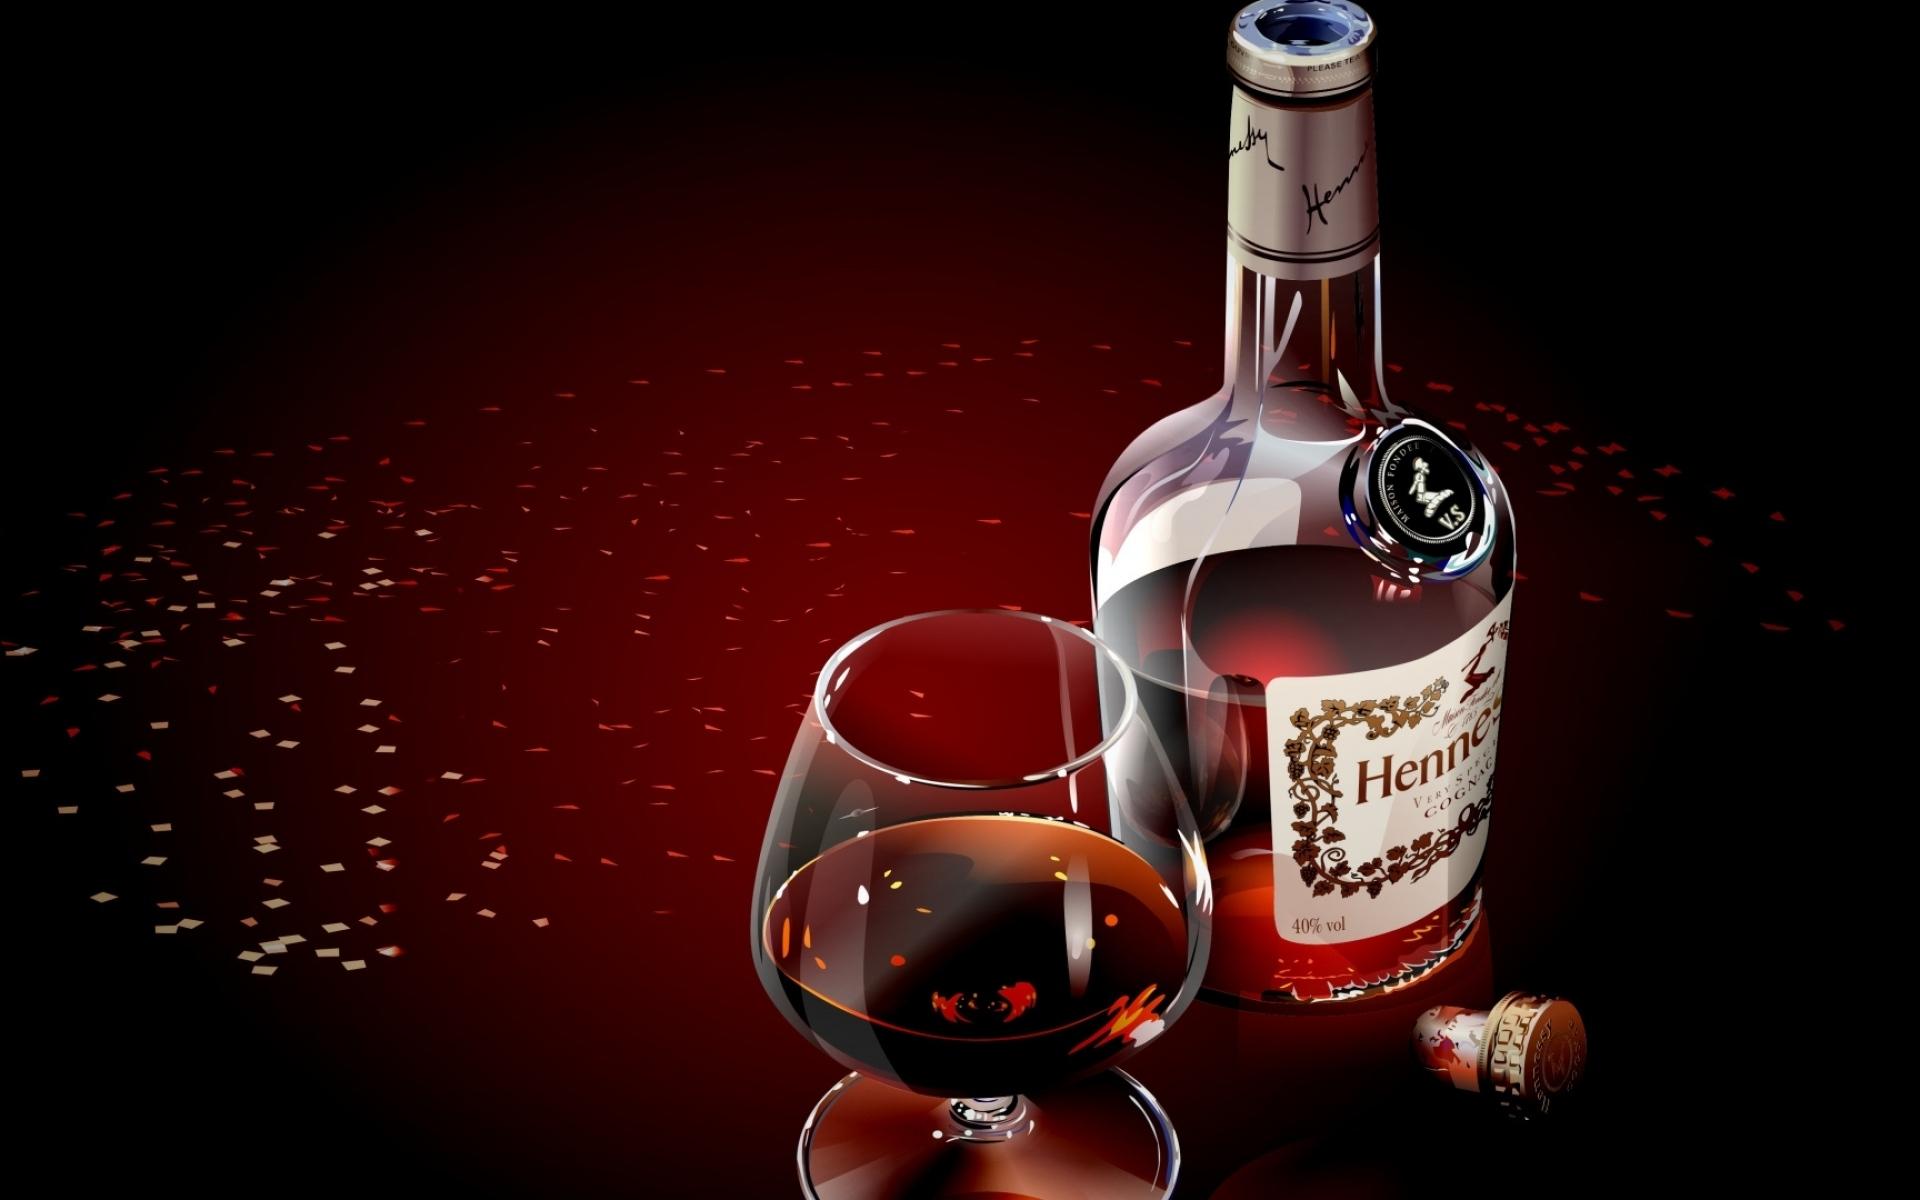 красивые картинки для рабочего стола алкоголь соус сацики вполне